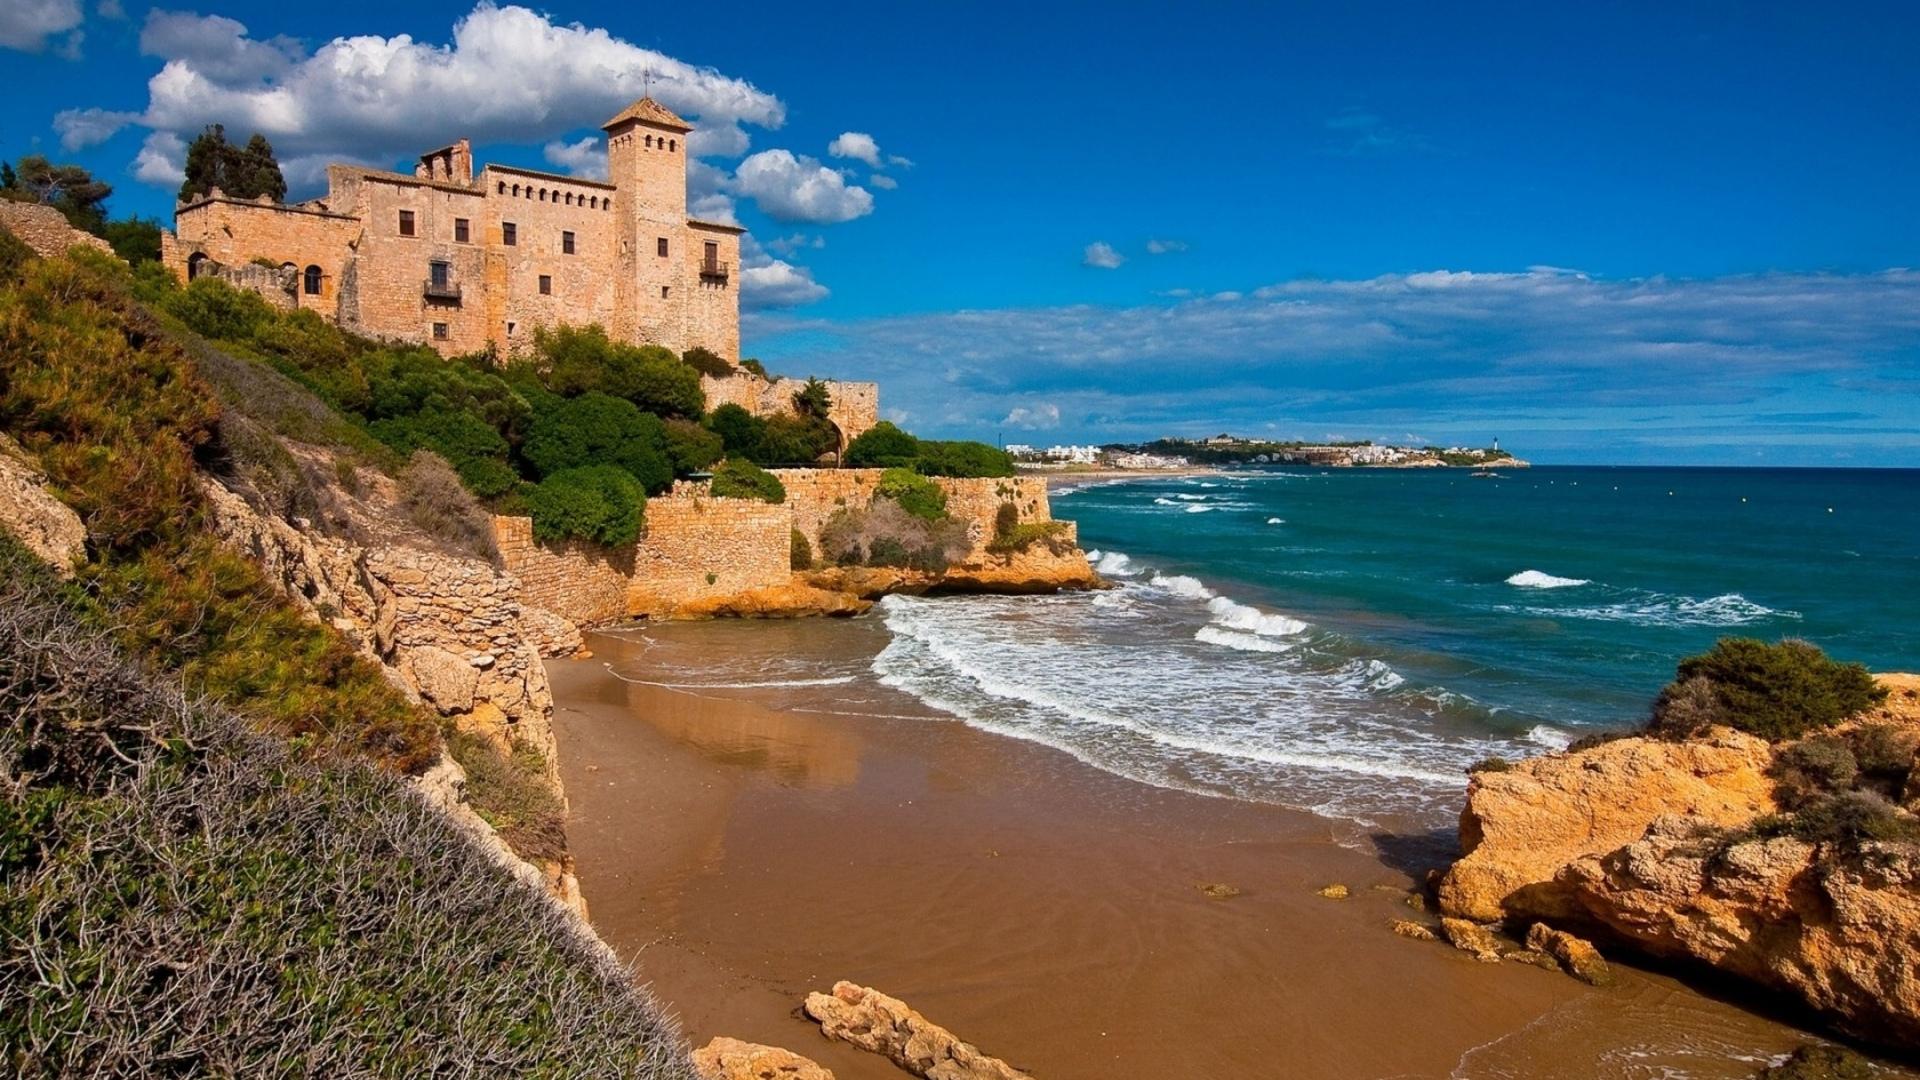 Іспанія, Болгарія та миколаївські курорти: де відпочиватимуть депутати міськради - фото 1